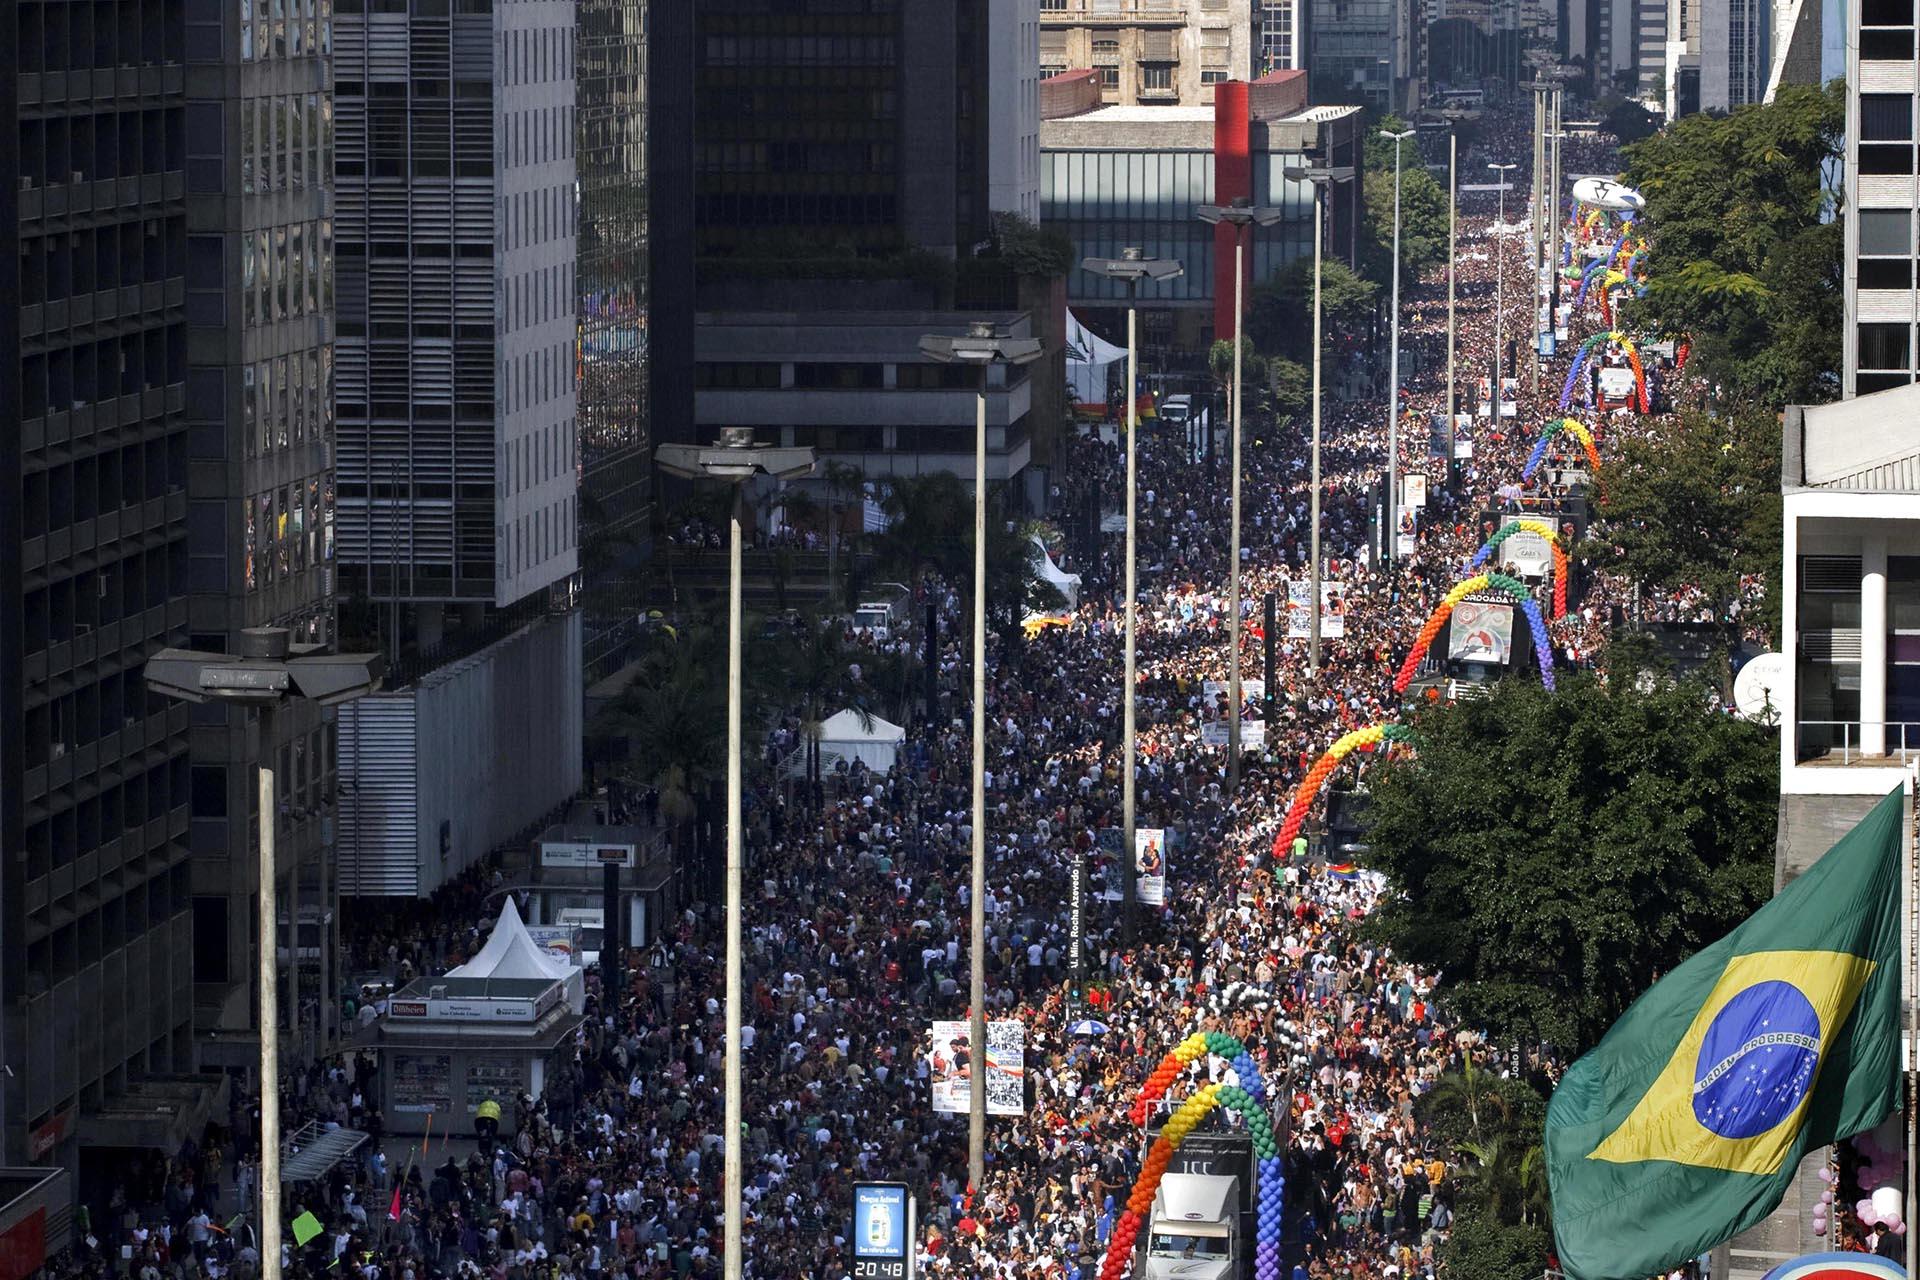 Miles de personas se reúnen para cantar y bailar a lo largo del centro financiero de la Avenida Paulista durante el tradicional desfile del orgullo gay más grande del mundo, en Sao Paulo, Brasil, el 14 de junio de 2009. Según los organizadores, más de 3 millones de personas participaron en el evento.